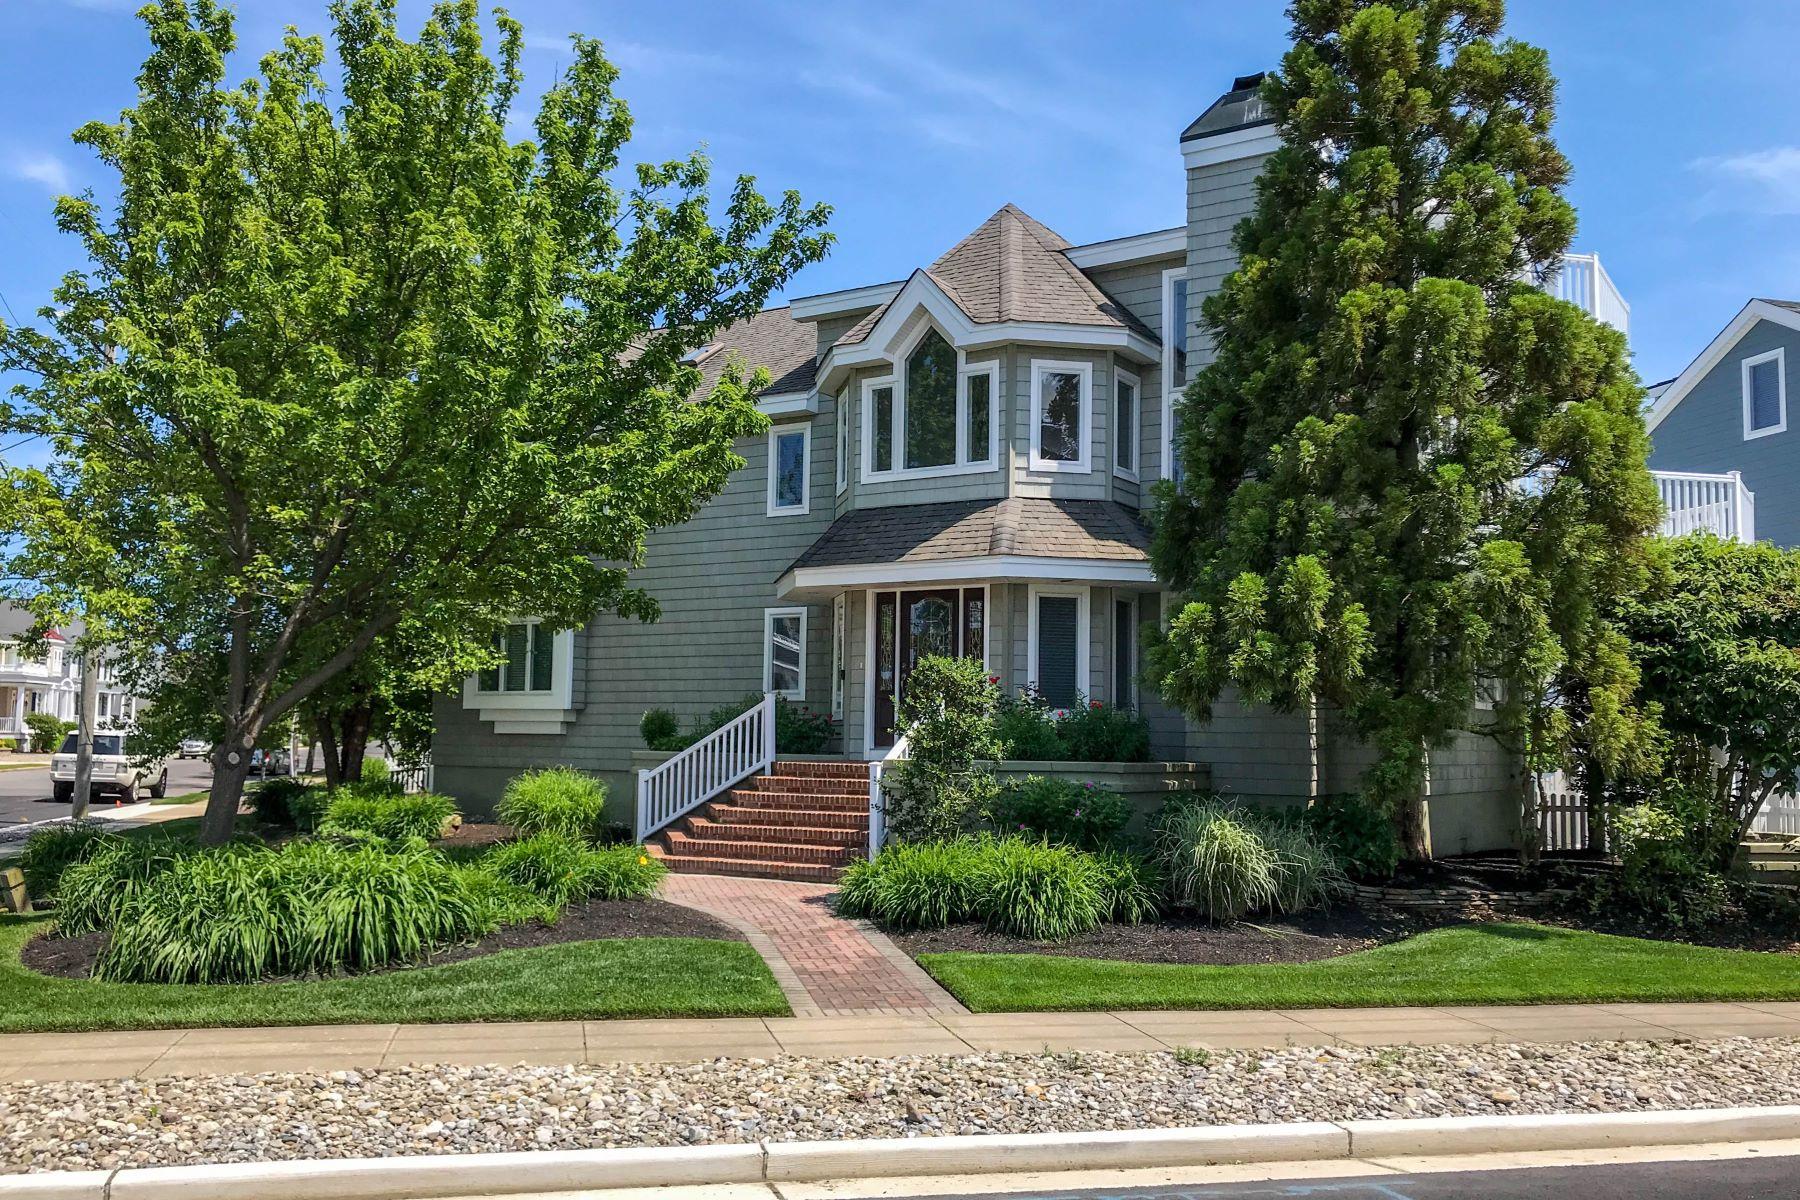 단독 가정 주택 용 매매 에 Avalon Vacation Oasis 5211 Ocean Drive, Avalon, 뉴저지 08202 미국